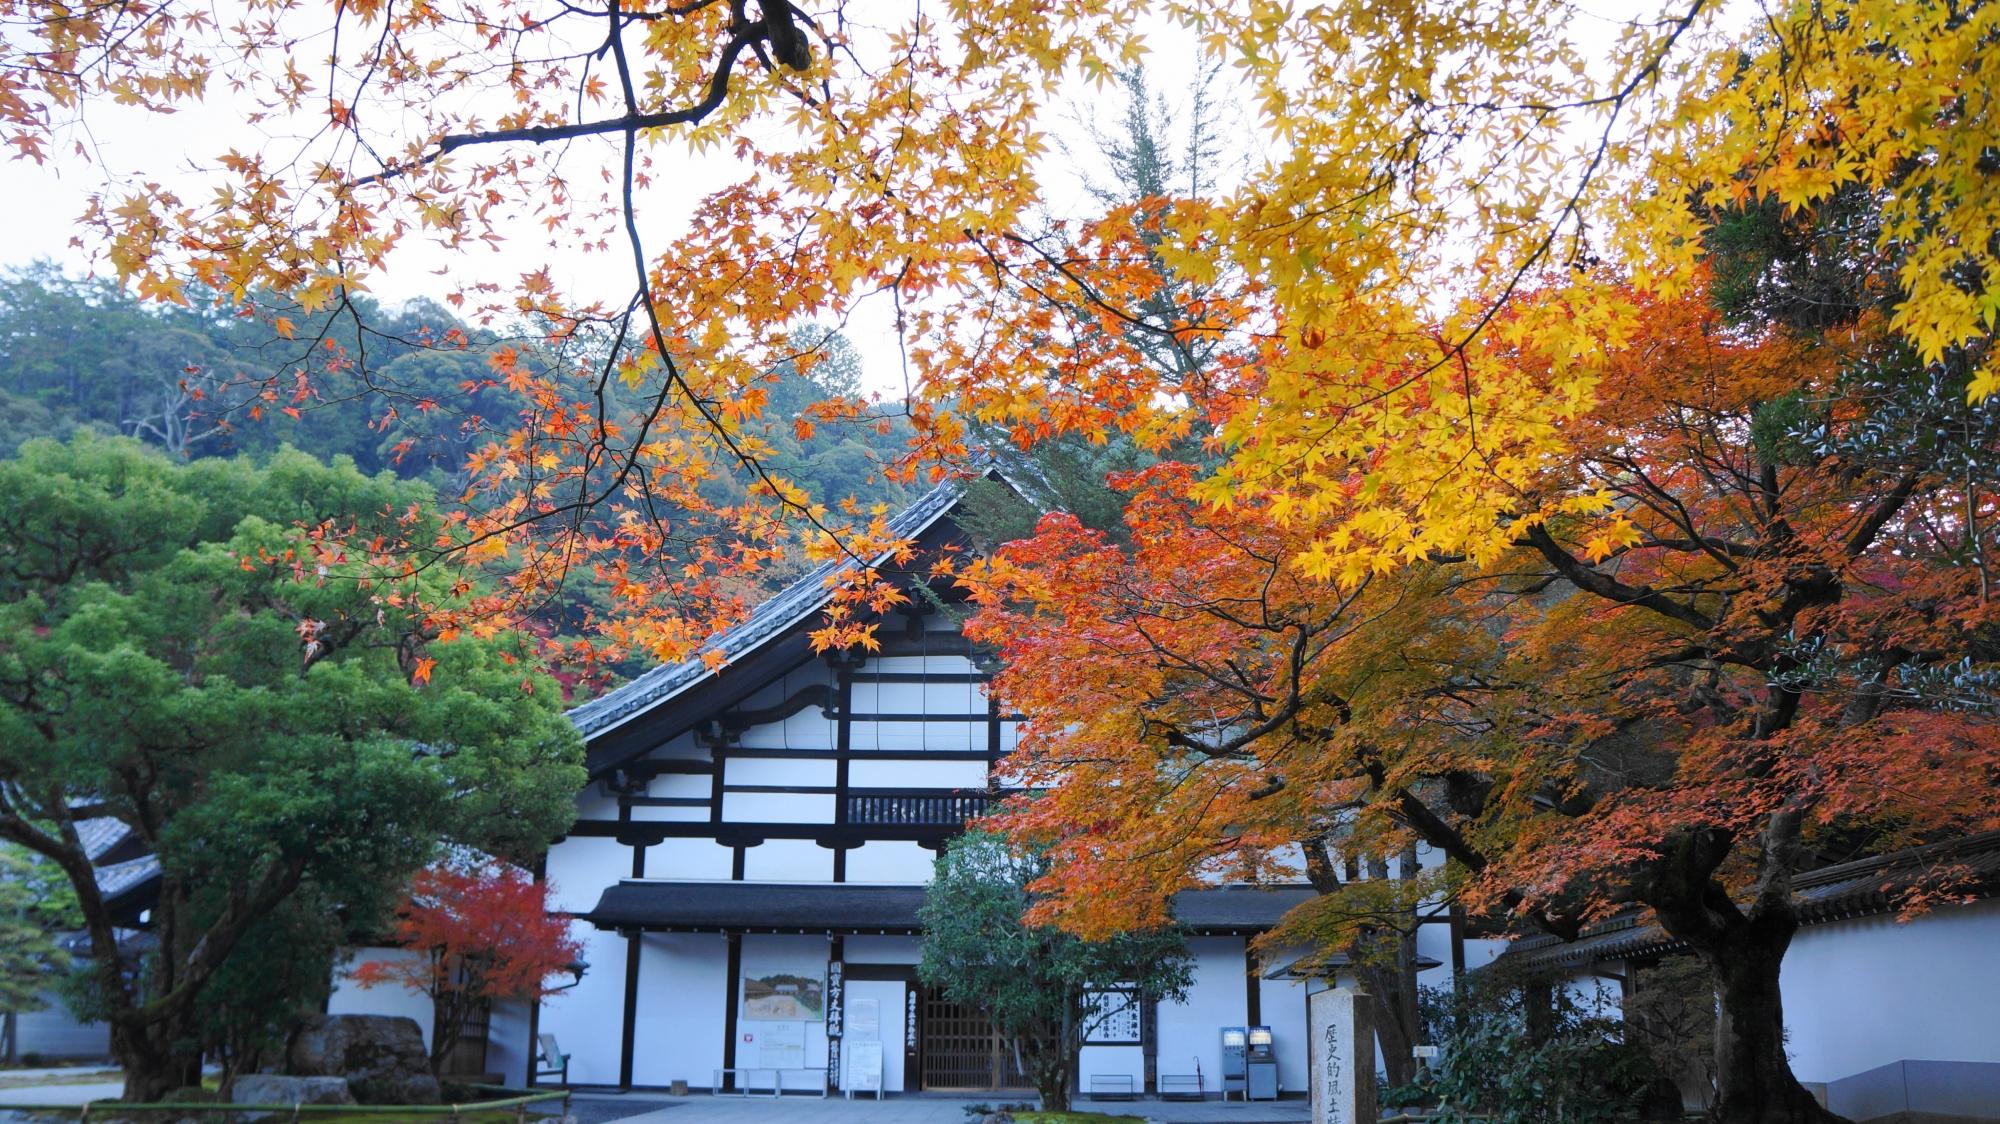 南禅寺の庫裡と華やかな紅葉